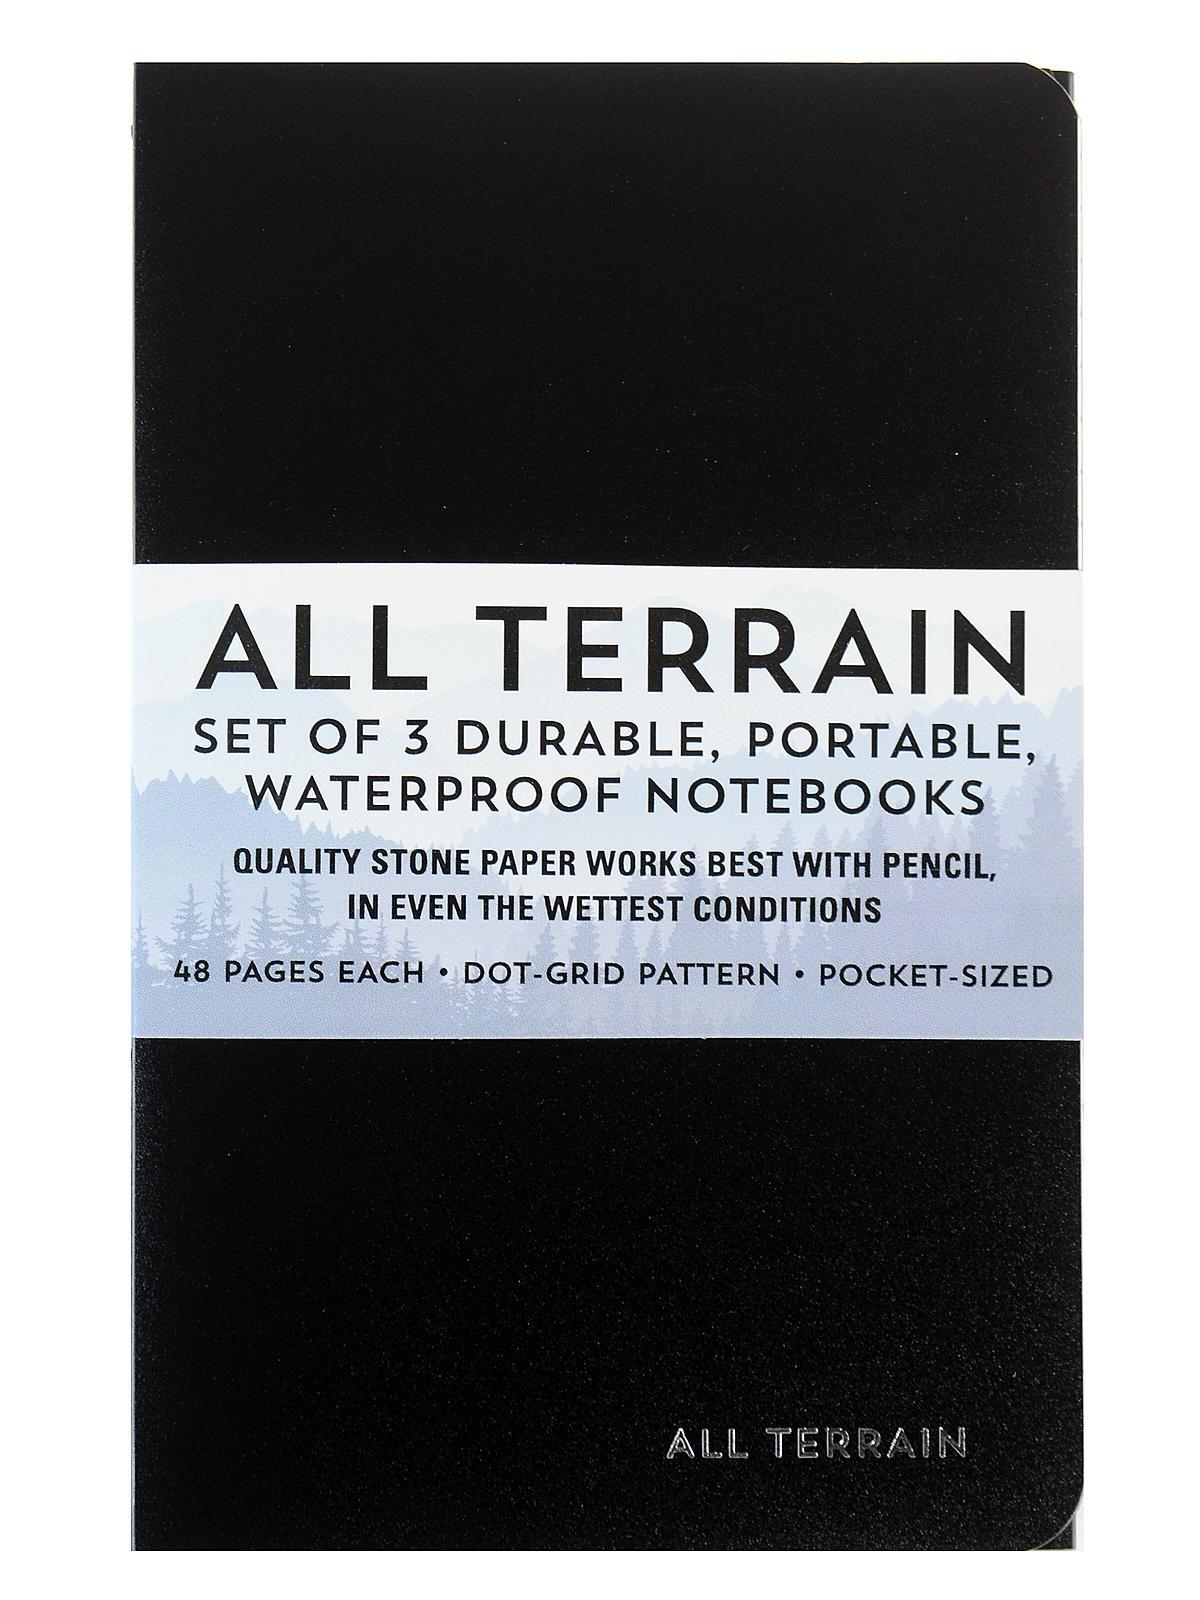 bca5d8486e21 Peter Pauper All Terrain: The Waterproof Notebook | MisterArt.com